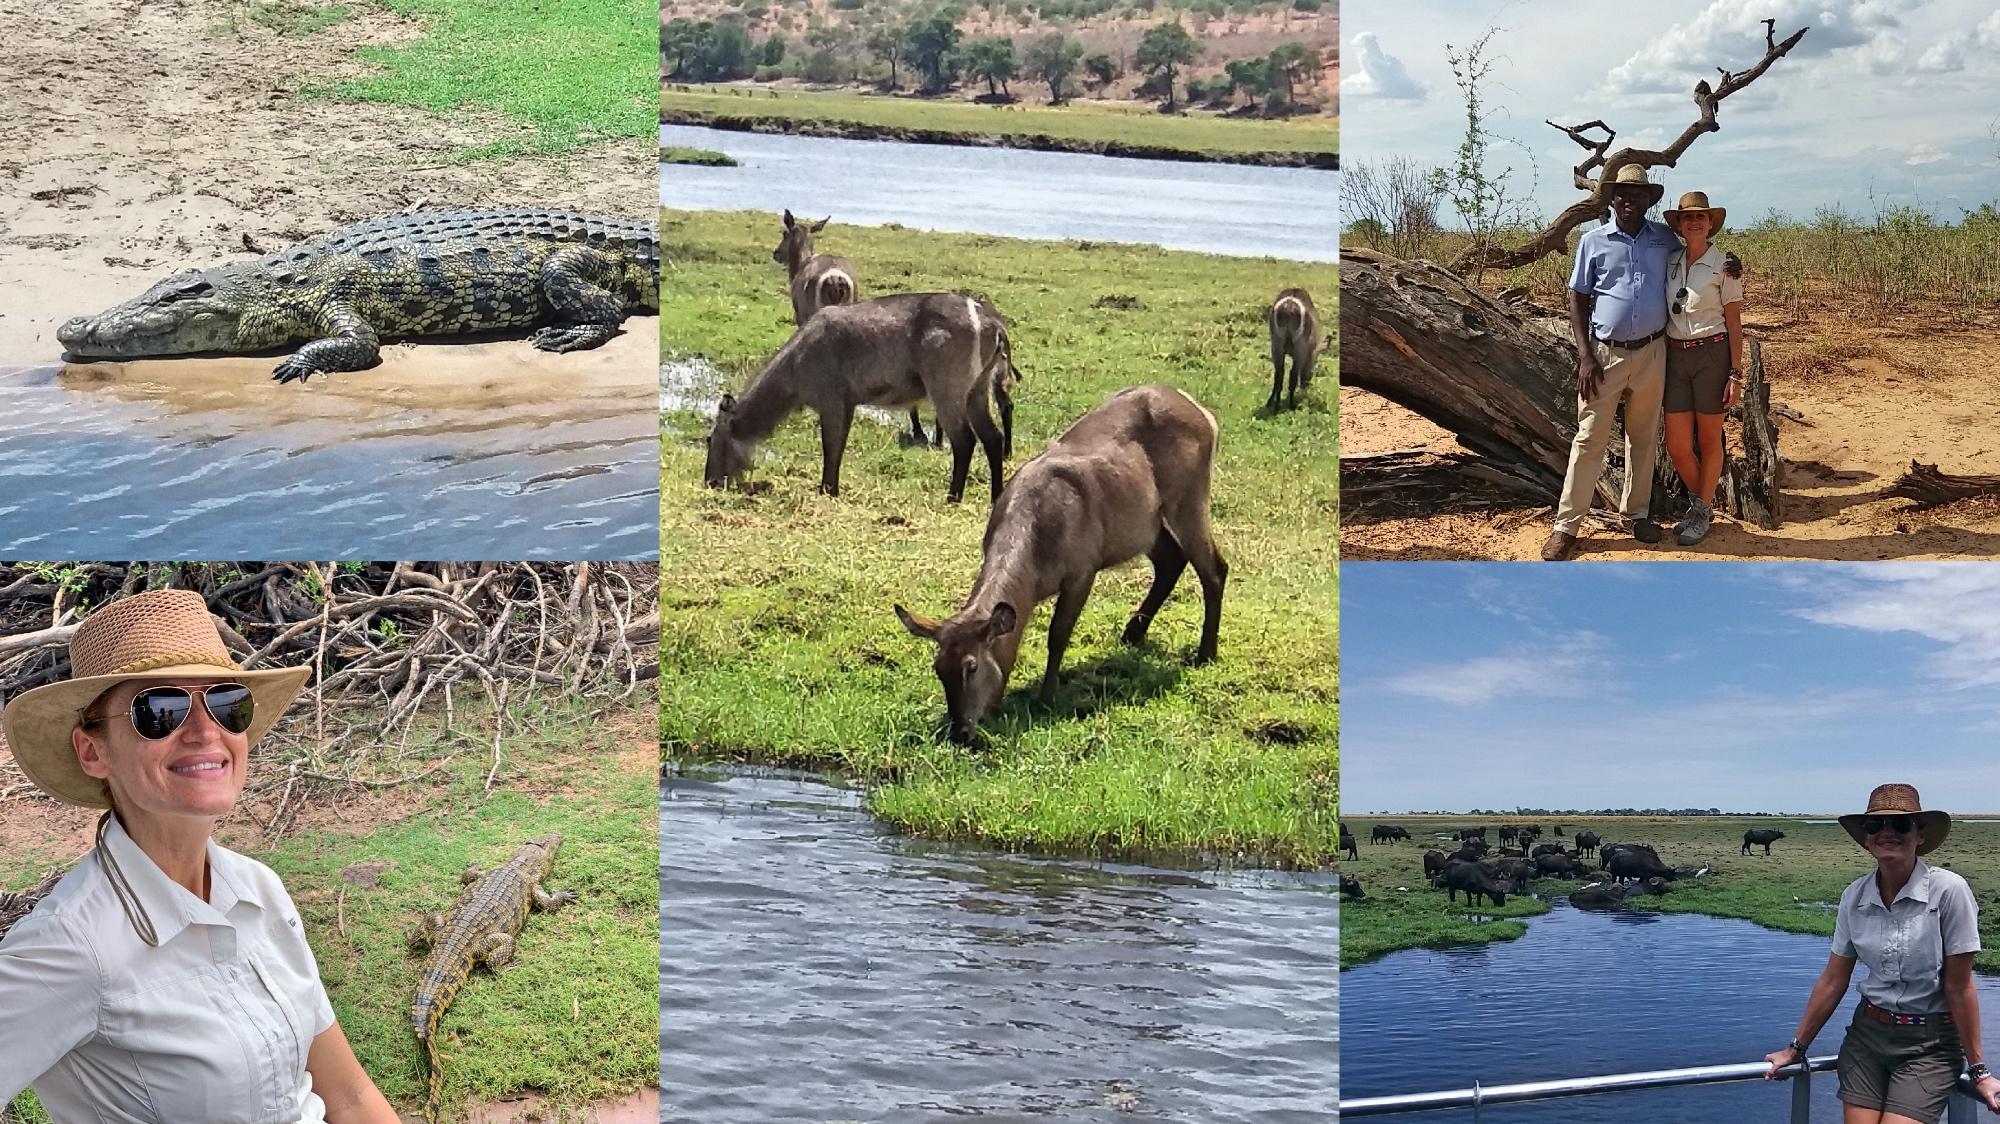 enkosi africa chobe sara botswana